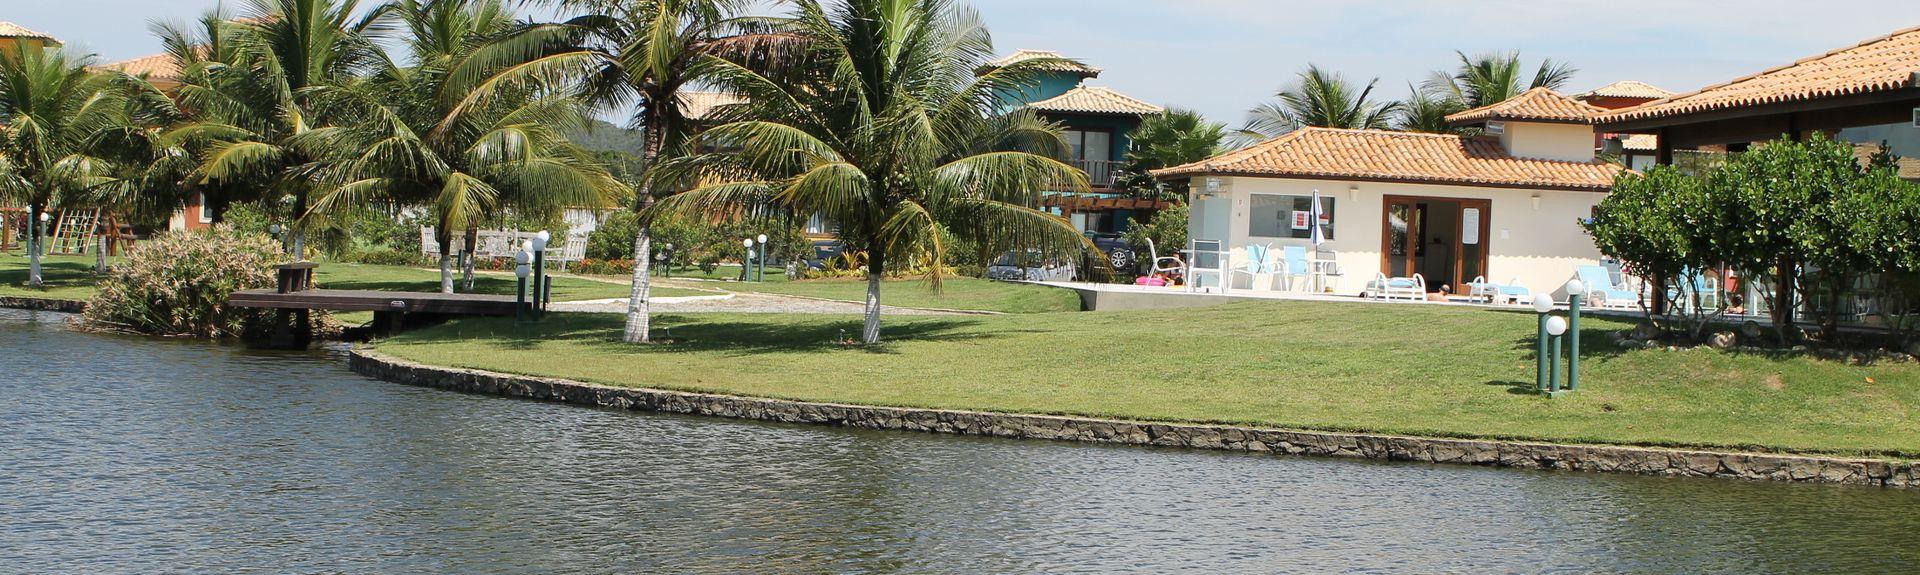 Golfe, Armação dos Búzios - RJ, Brazil